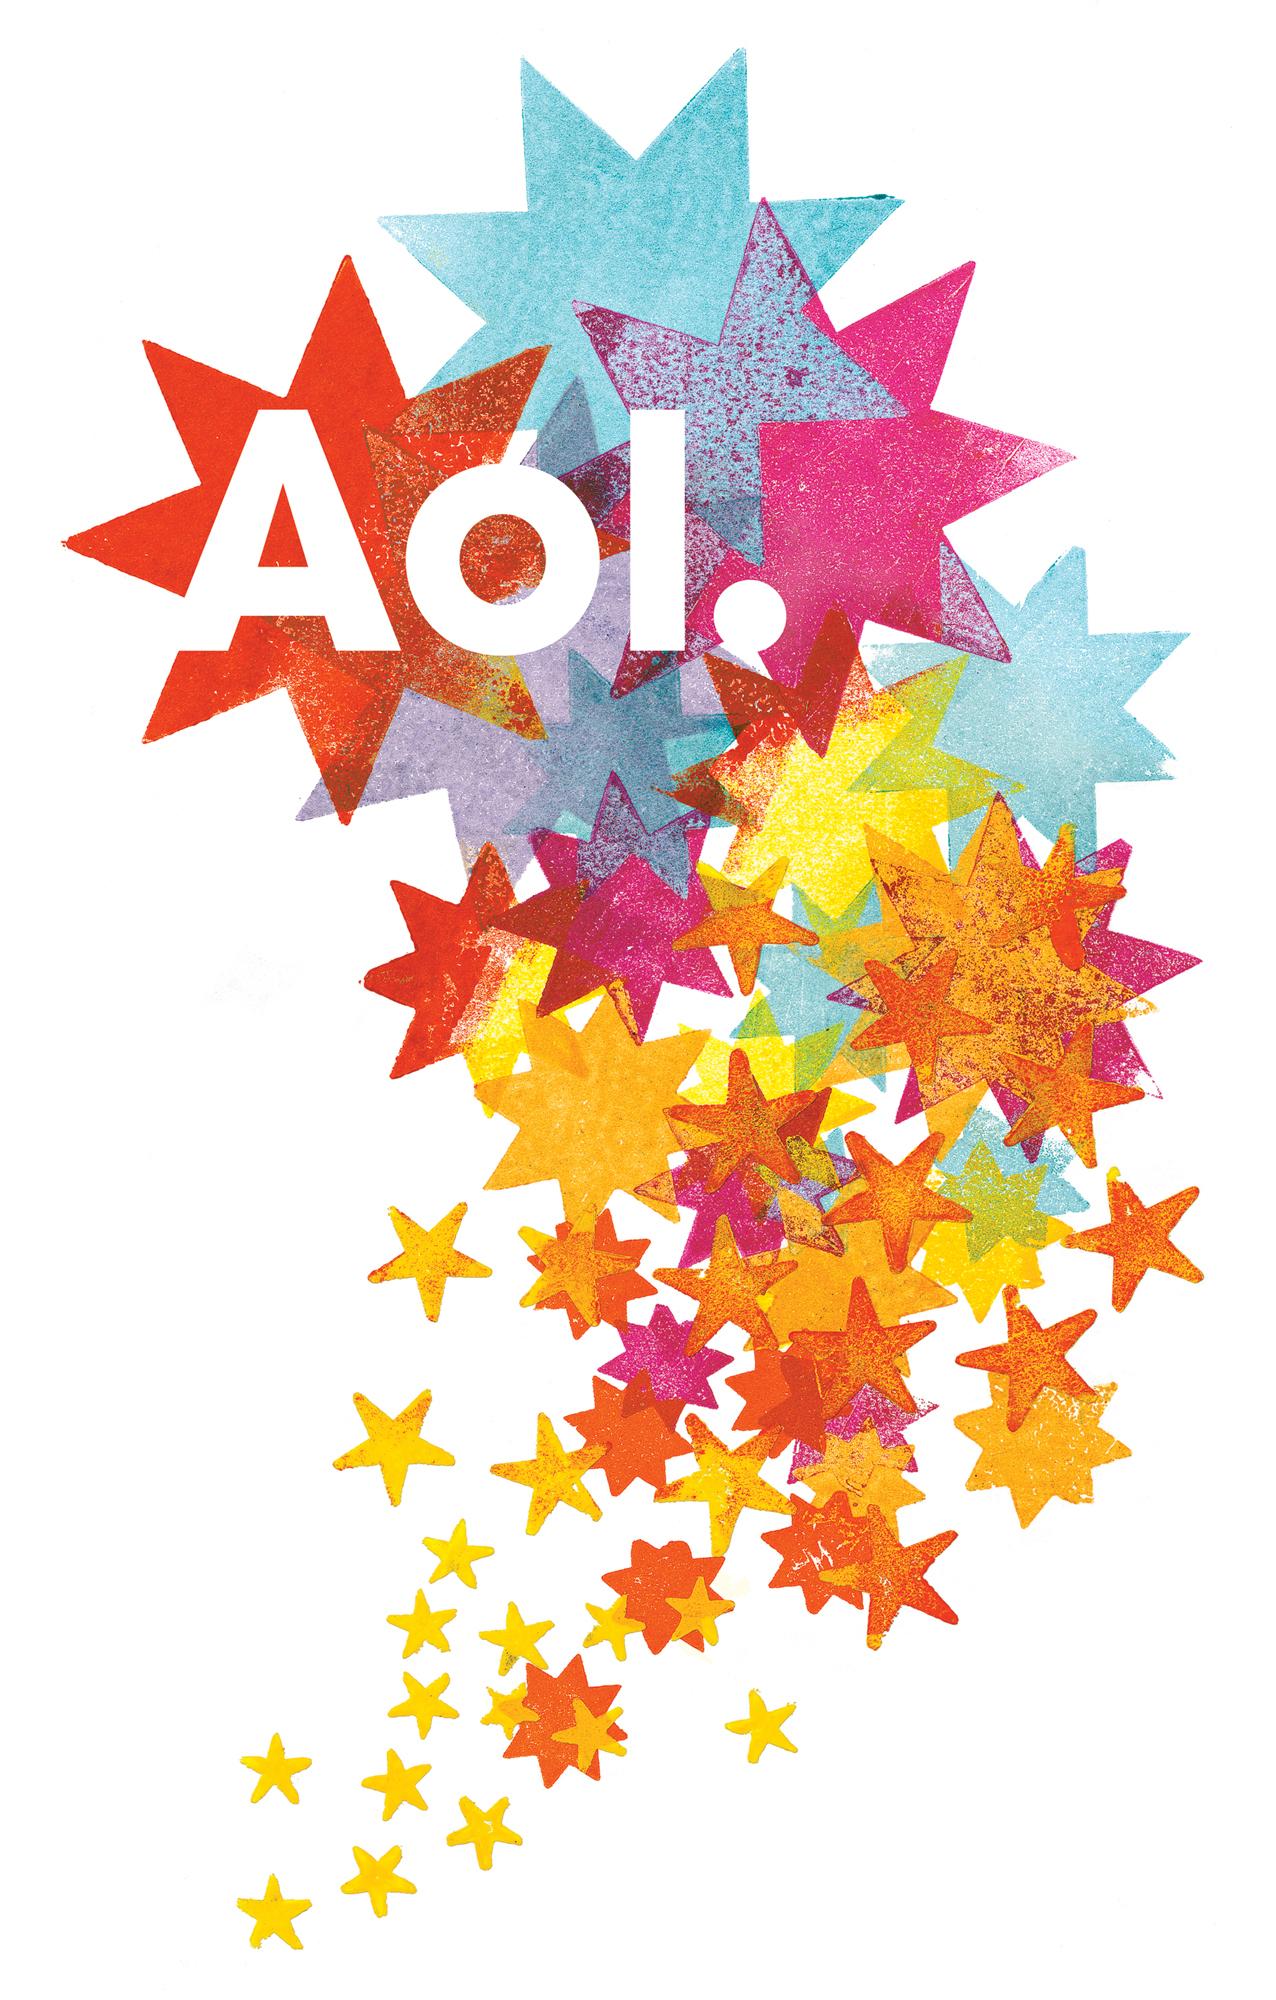 AOL Stars